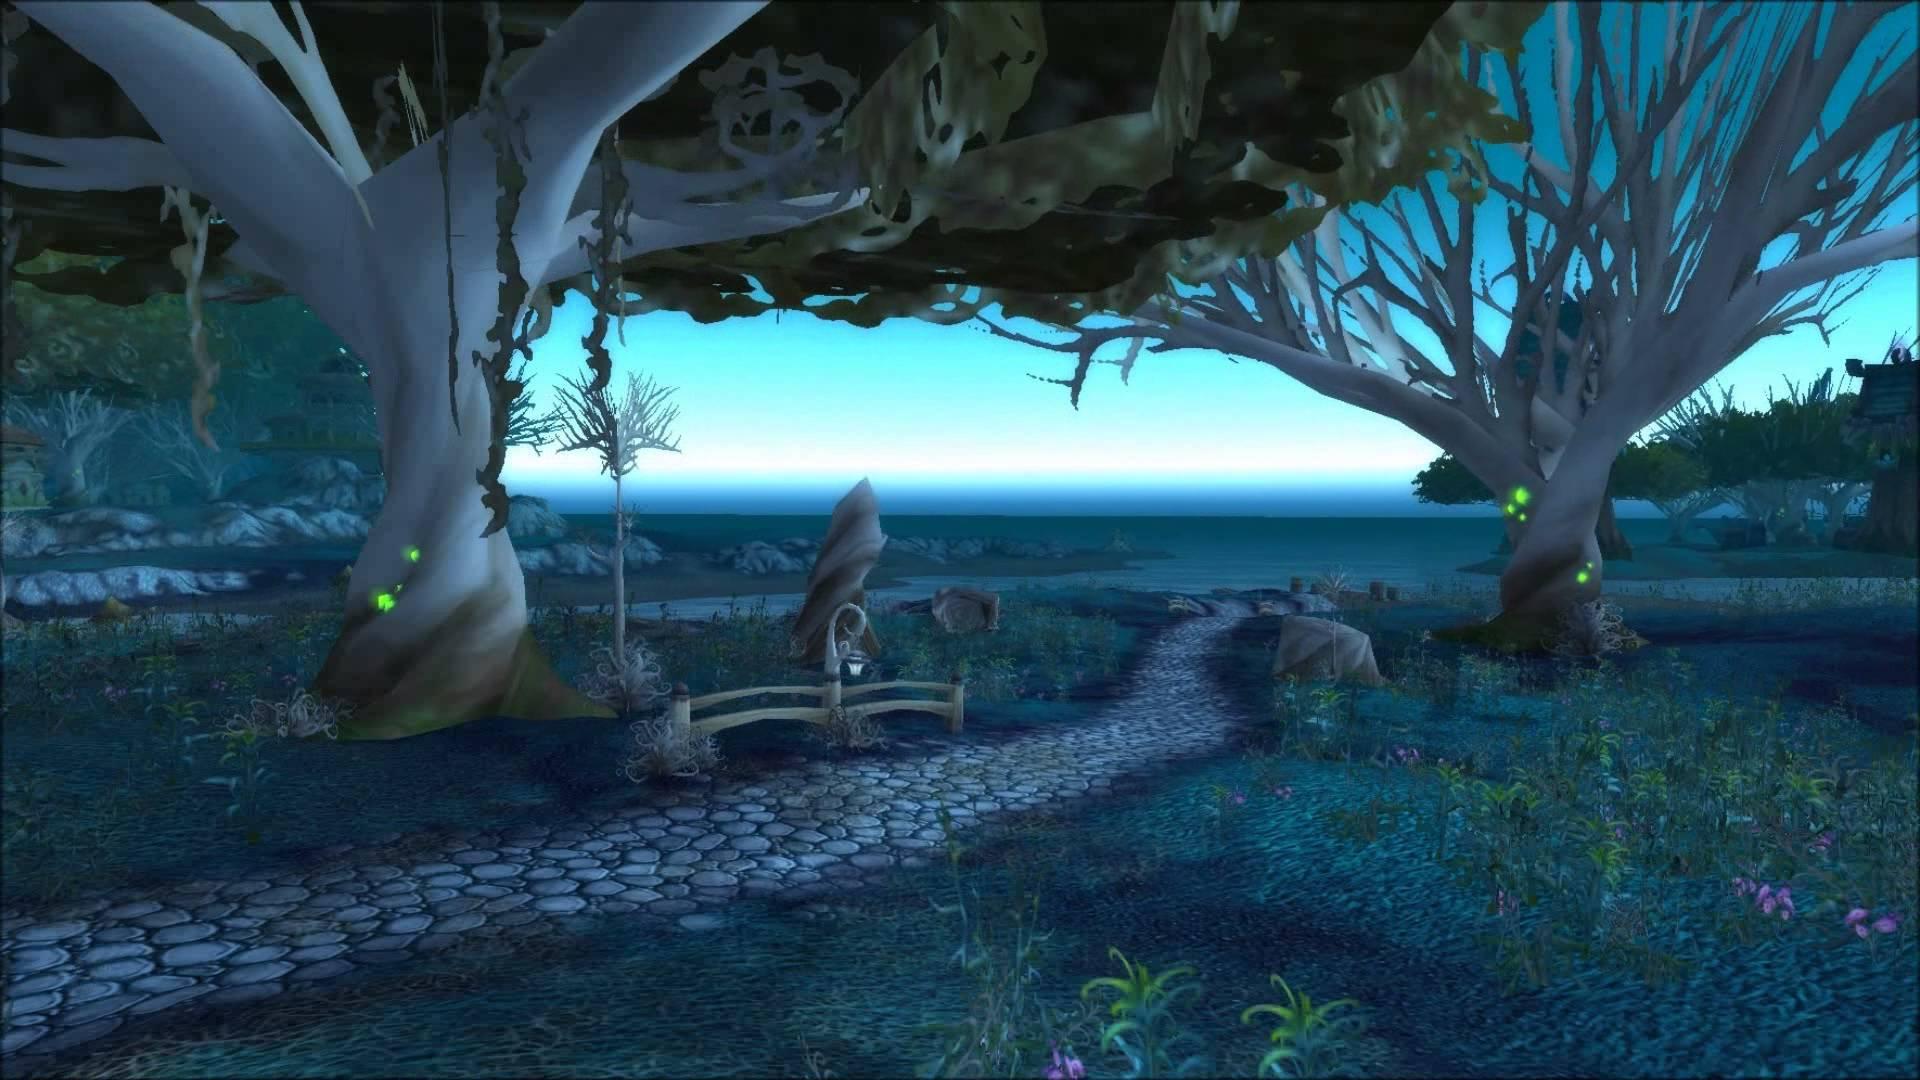 tierras fantasma 2